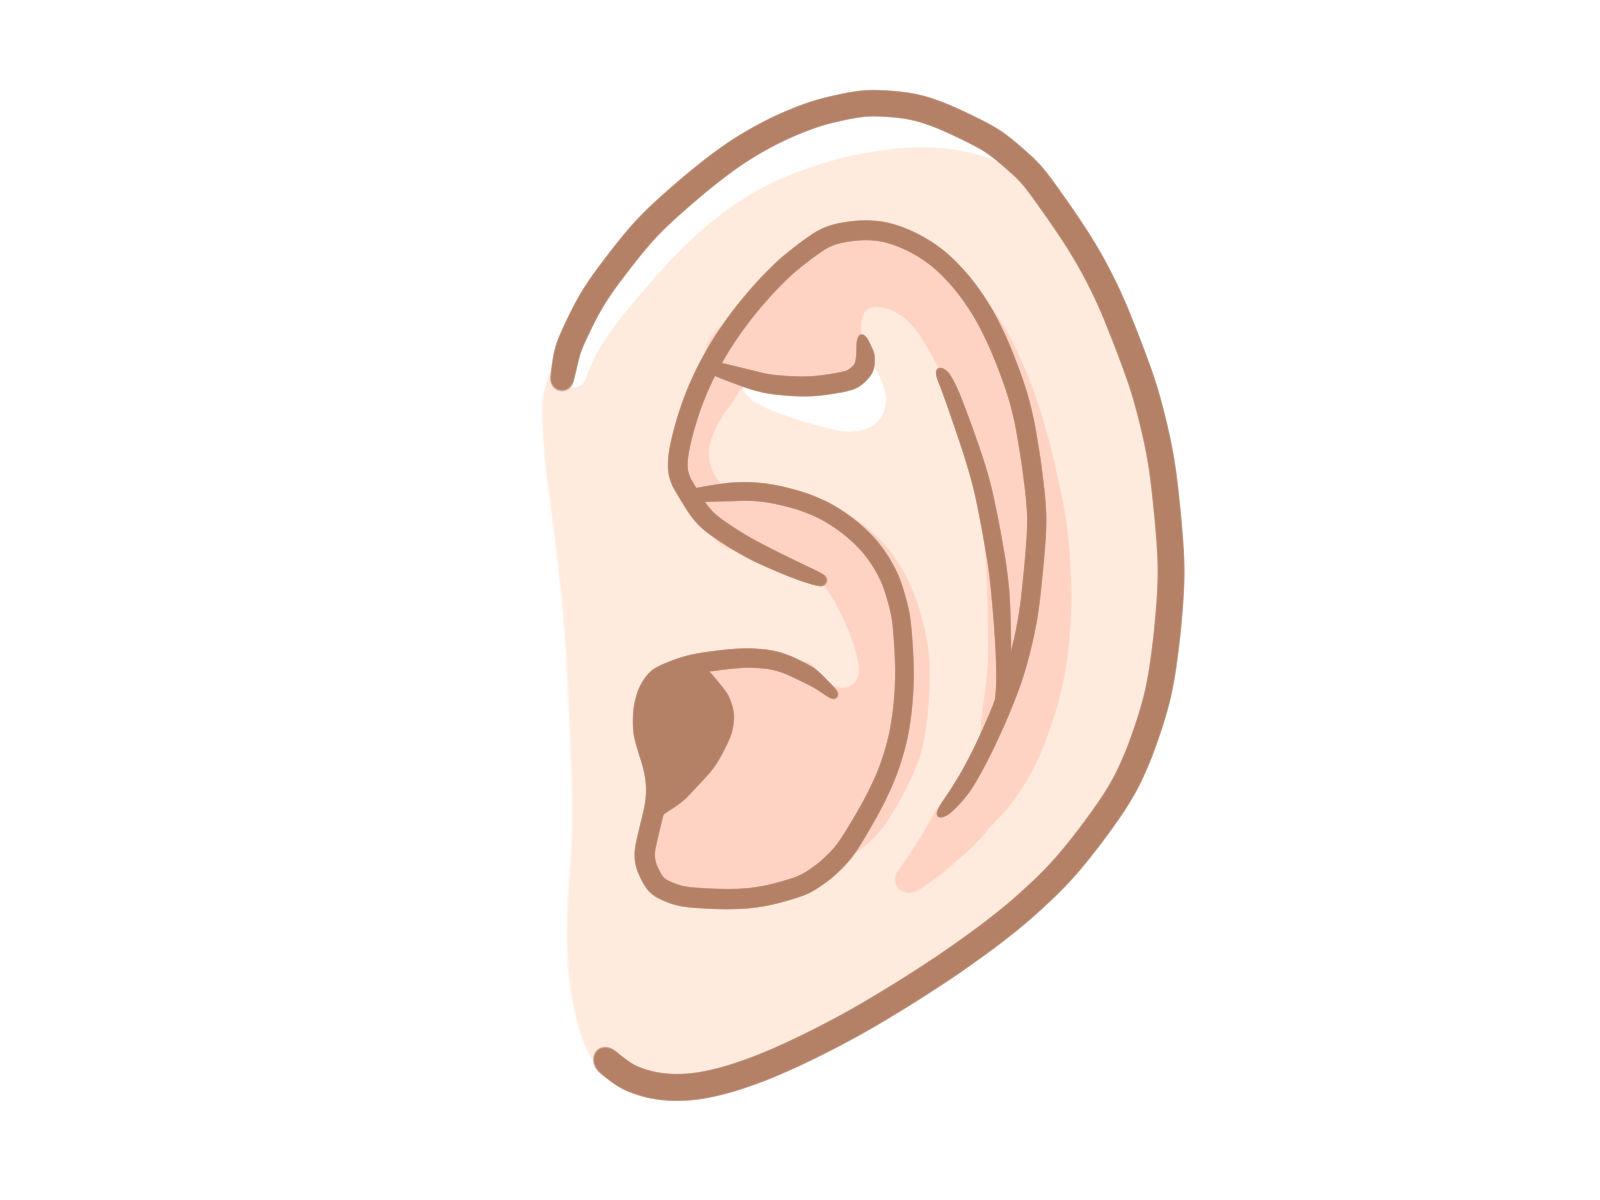 外耳道炎のイメージ